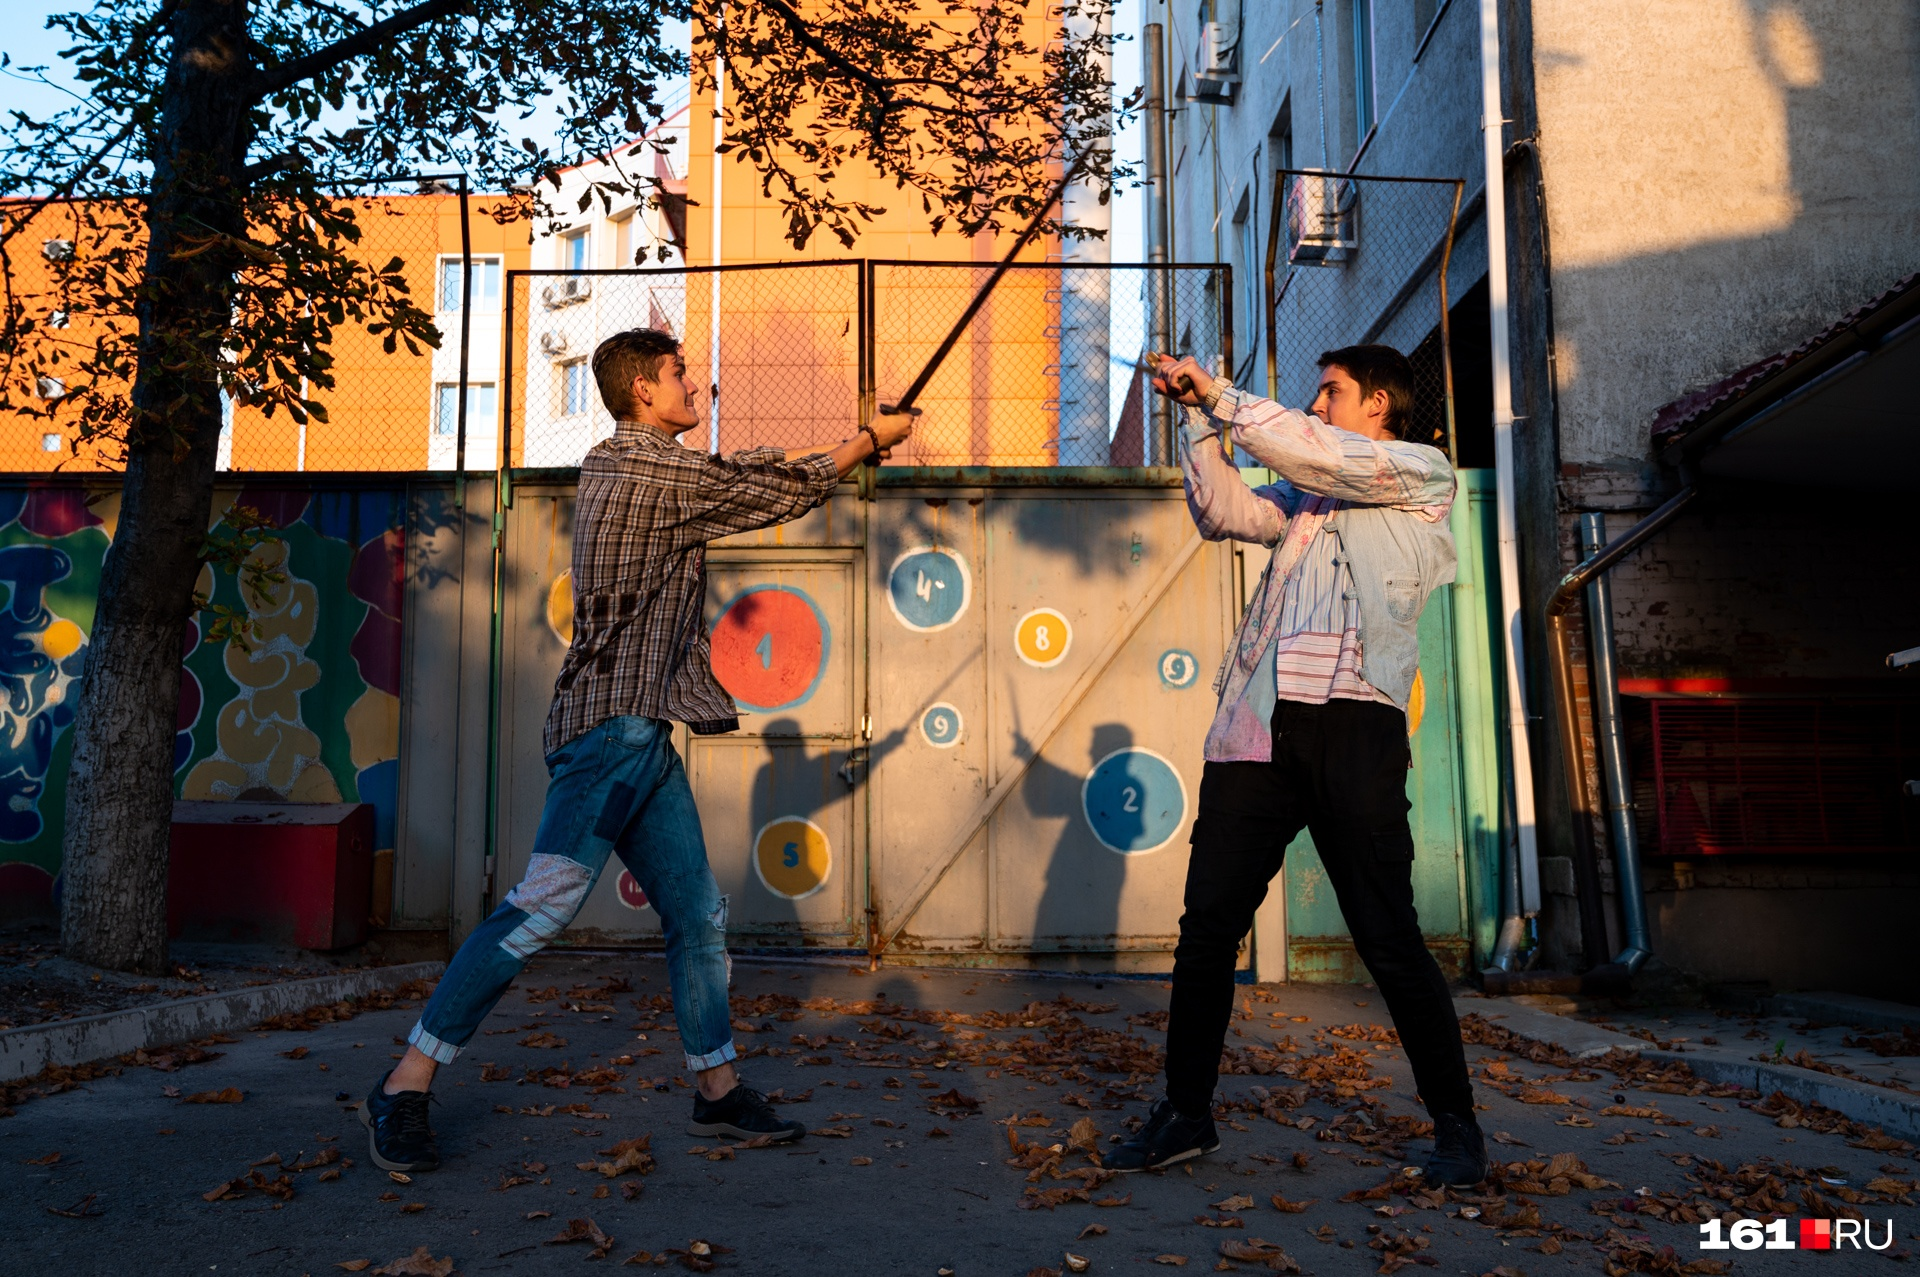 Пахомова считает, что конфликты в подростковой группе неизбежны, но их нужно переводить на сцену